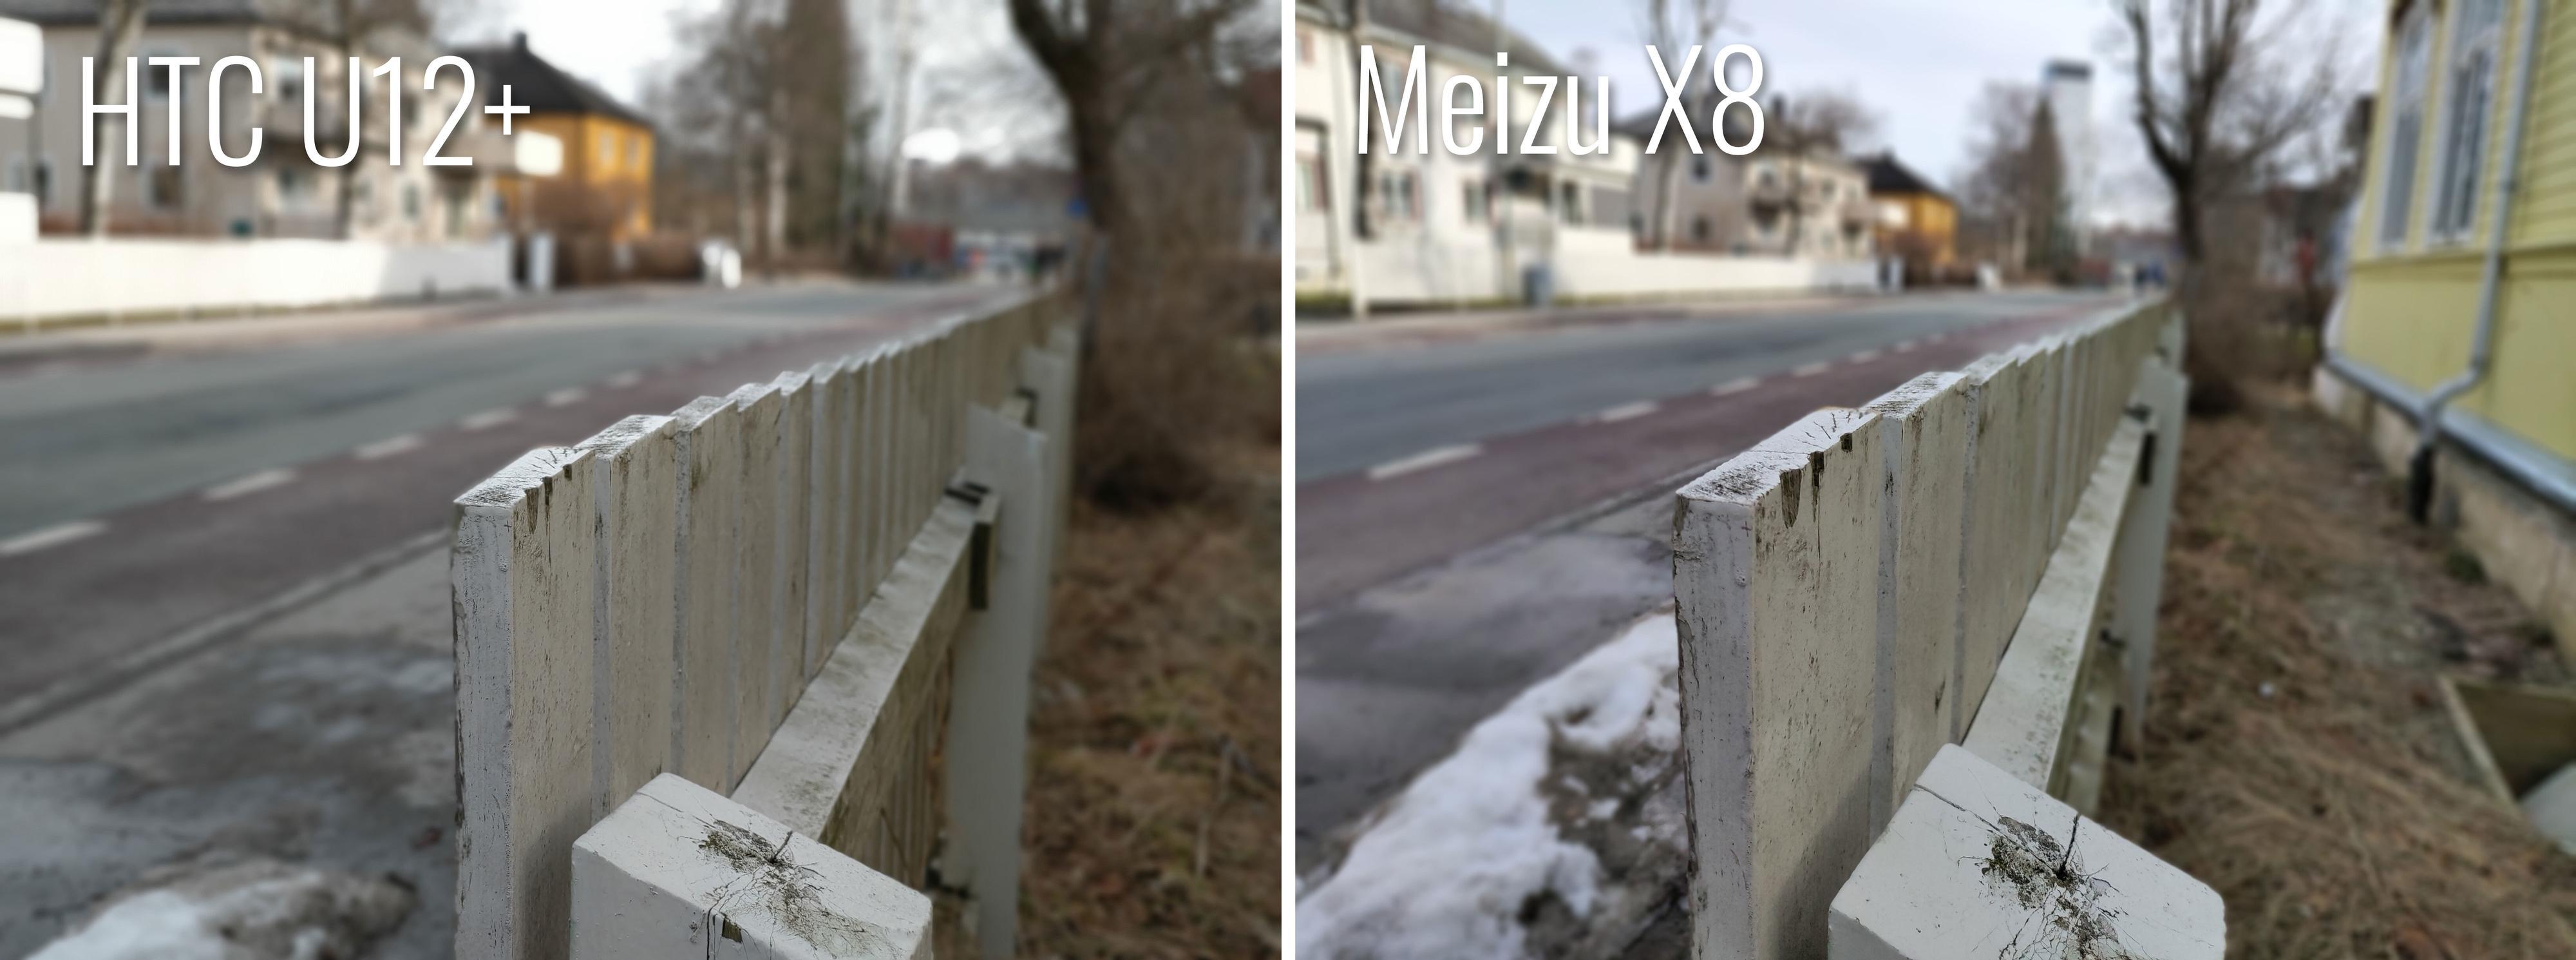 Dybdebilder er Meizu X8 relativt god på, men et zoom-kamera hadde neppe skadet.